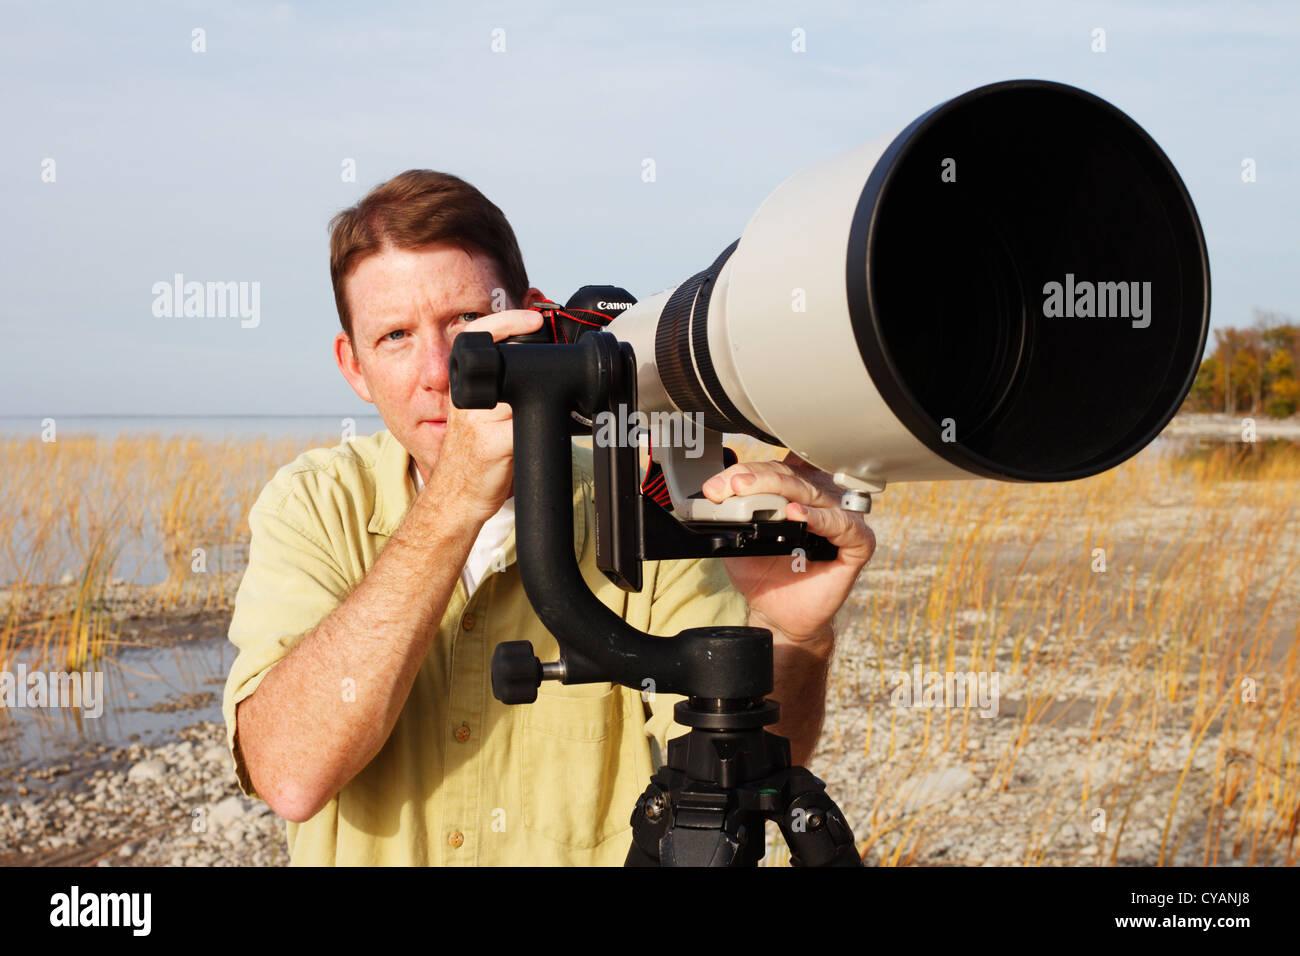 Fotografo professionista con un super teleobiettivo montato su di una sospensione cardanica di testa e treppiede. Immagini Stock